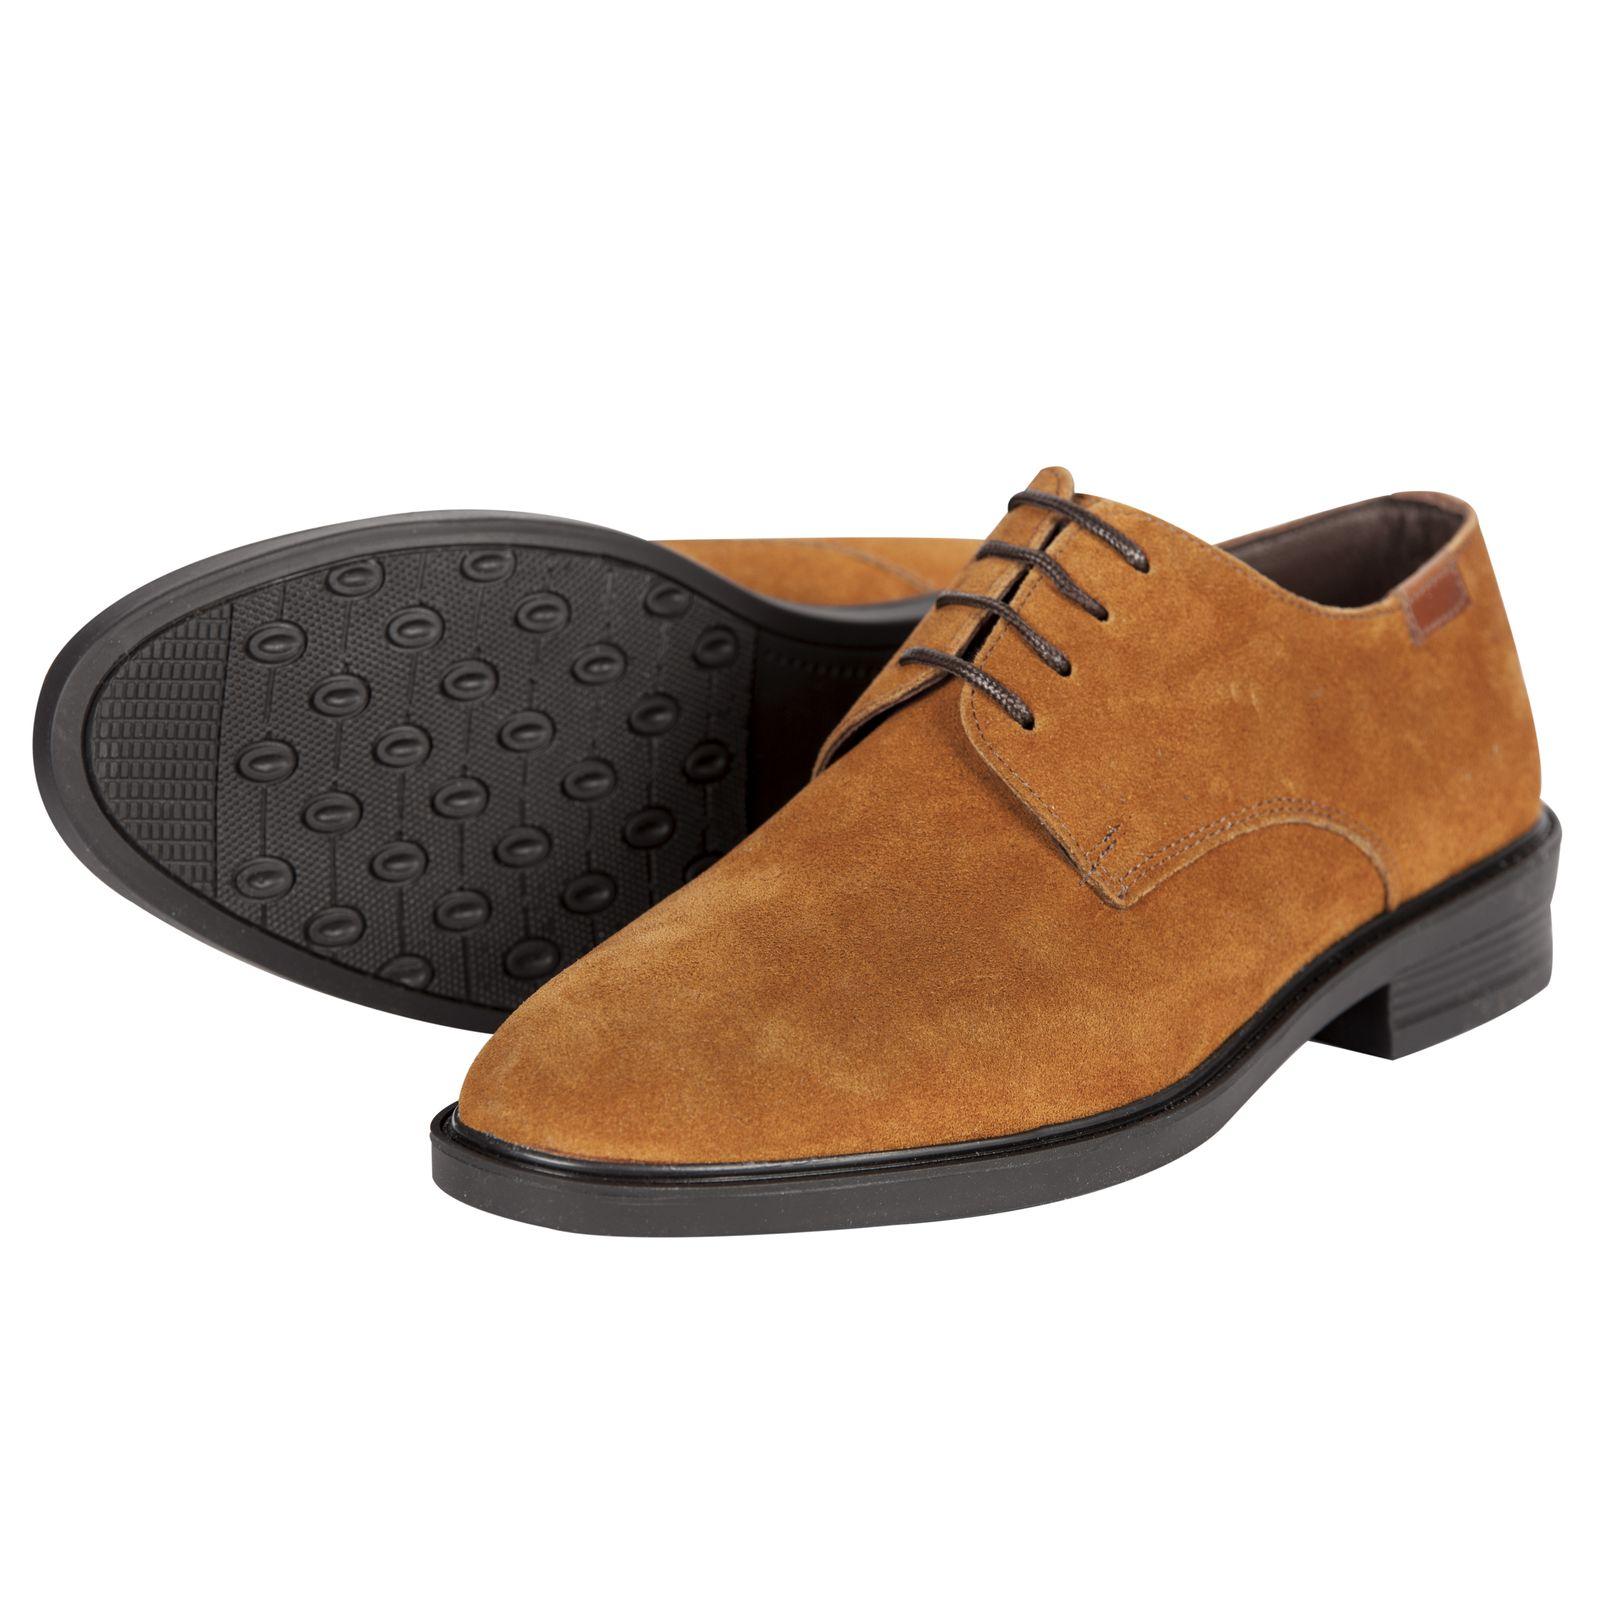 کفش مردانه فری مود کد 1811 رنگ عسلی -  - 1